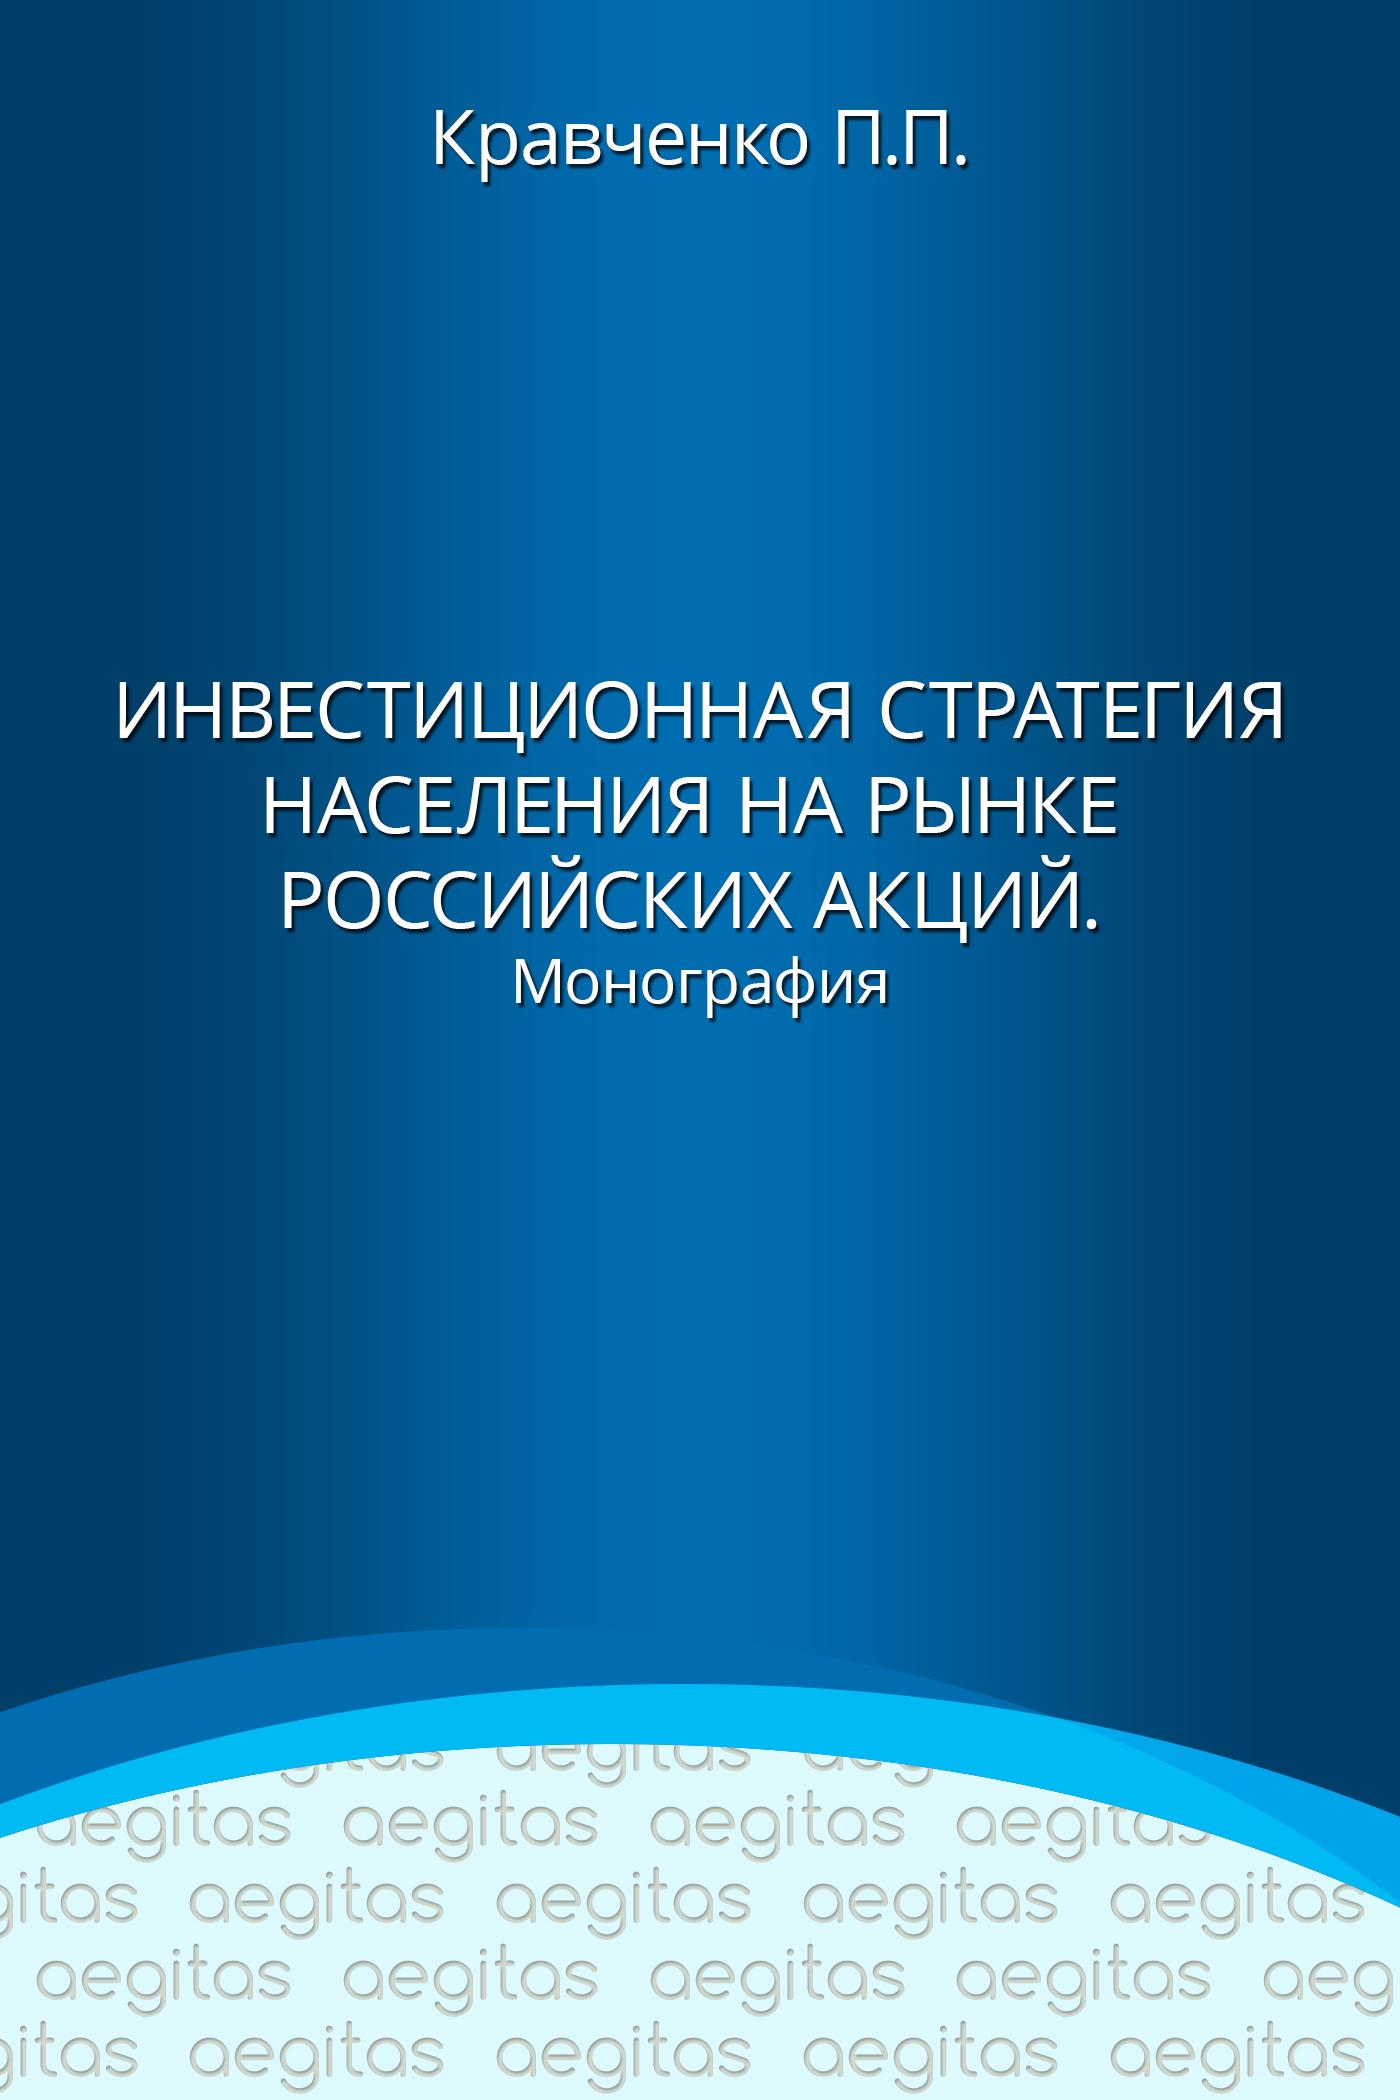 Обложка книги Инвестиционная стратегия населения на рынке российских акций